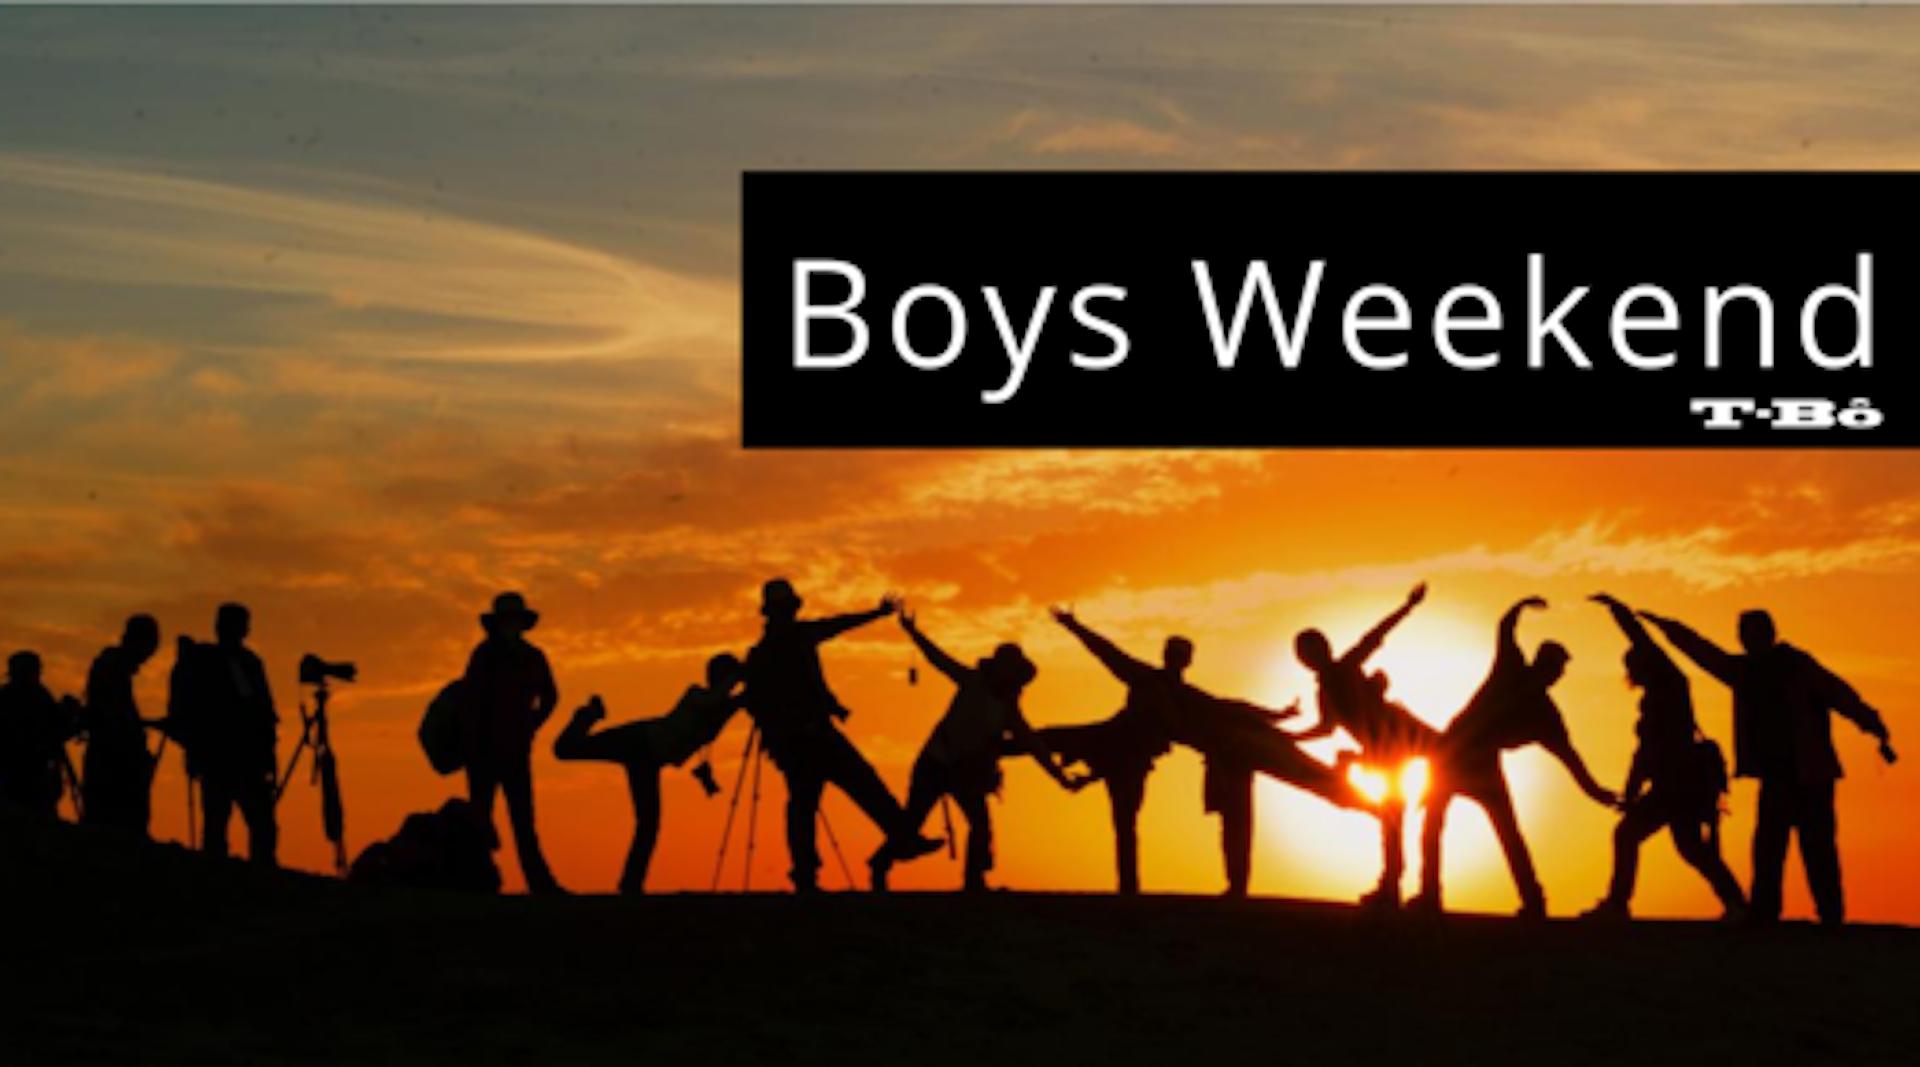 Boys Weekend